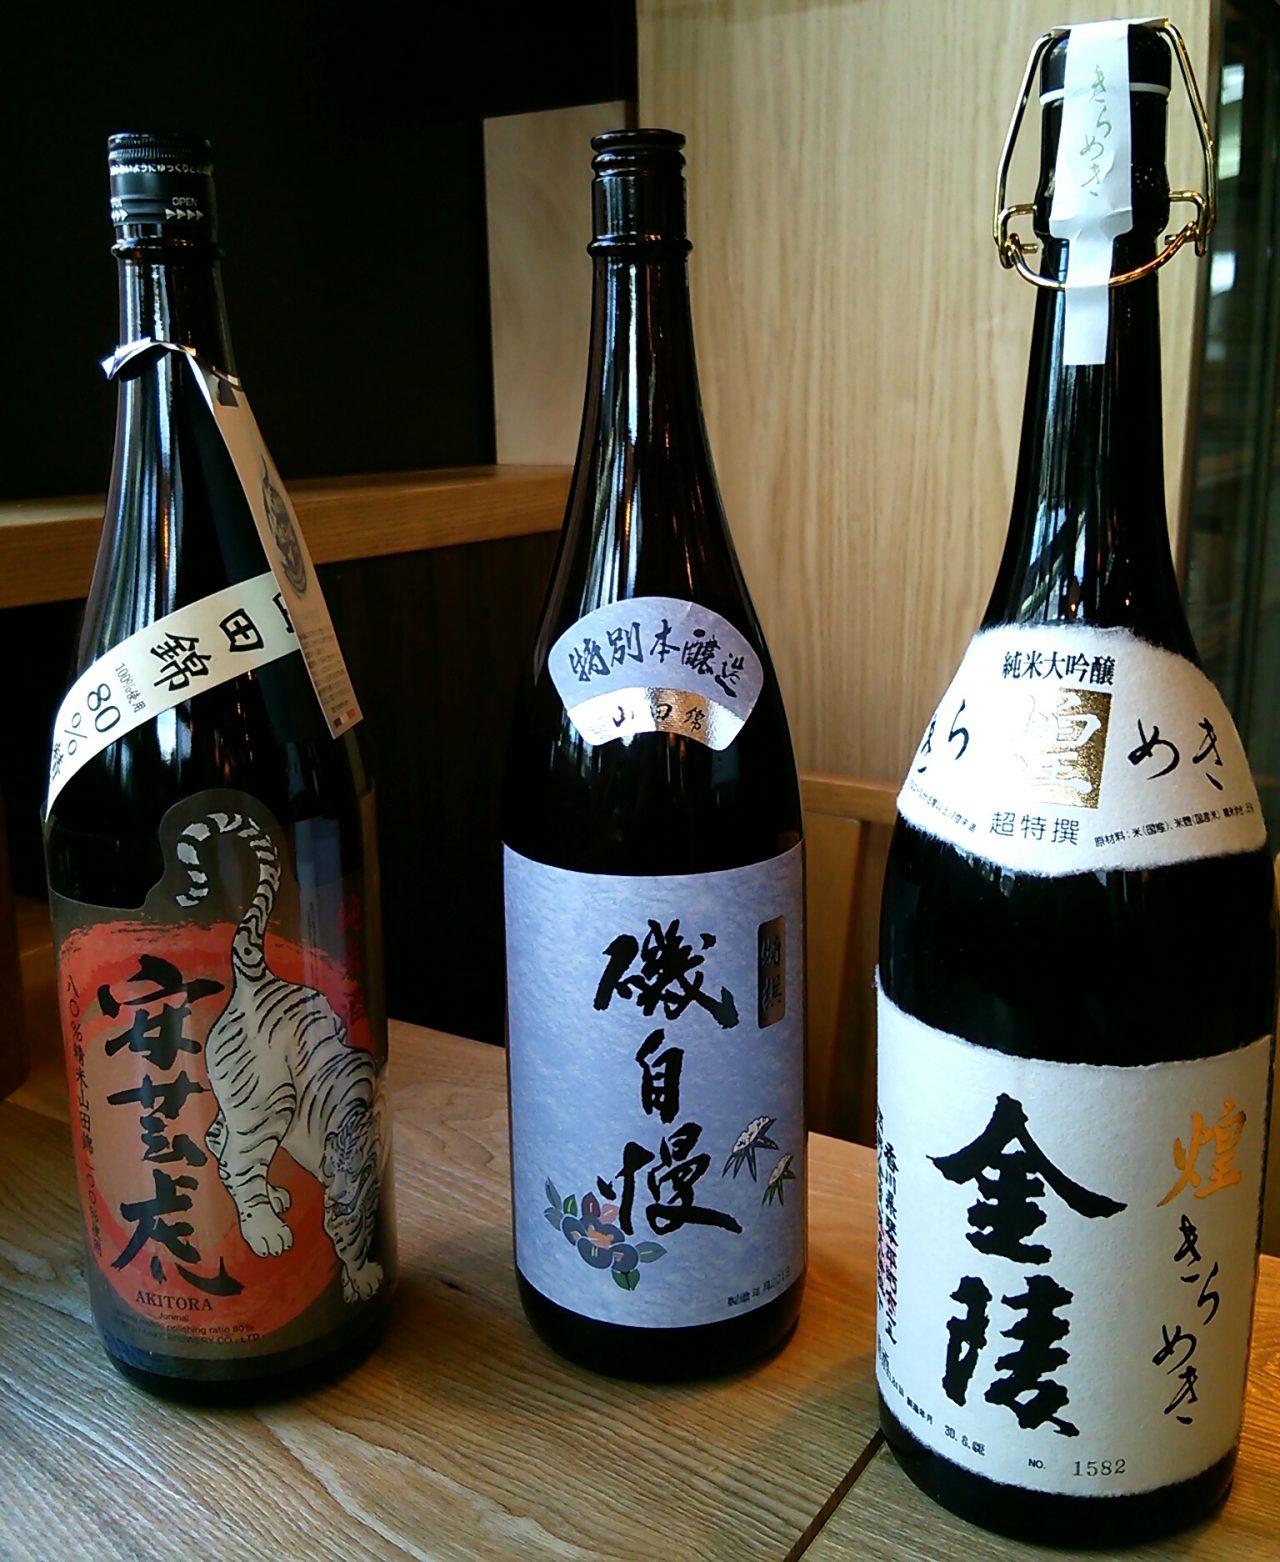 さかなや かねなり 日本酒ラインナップ